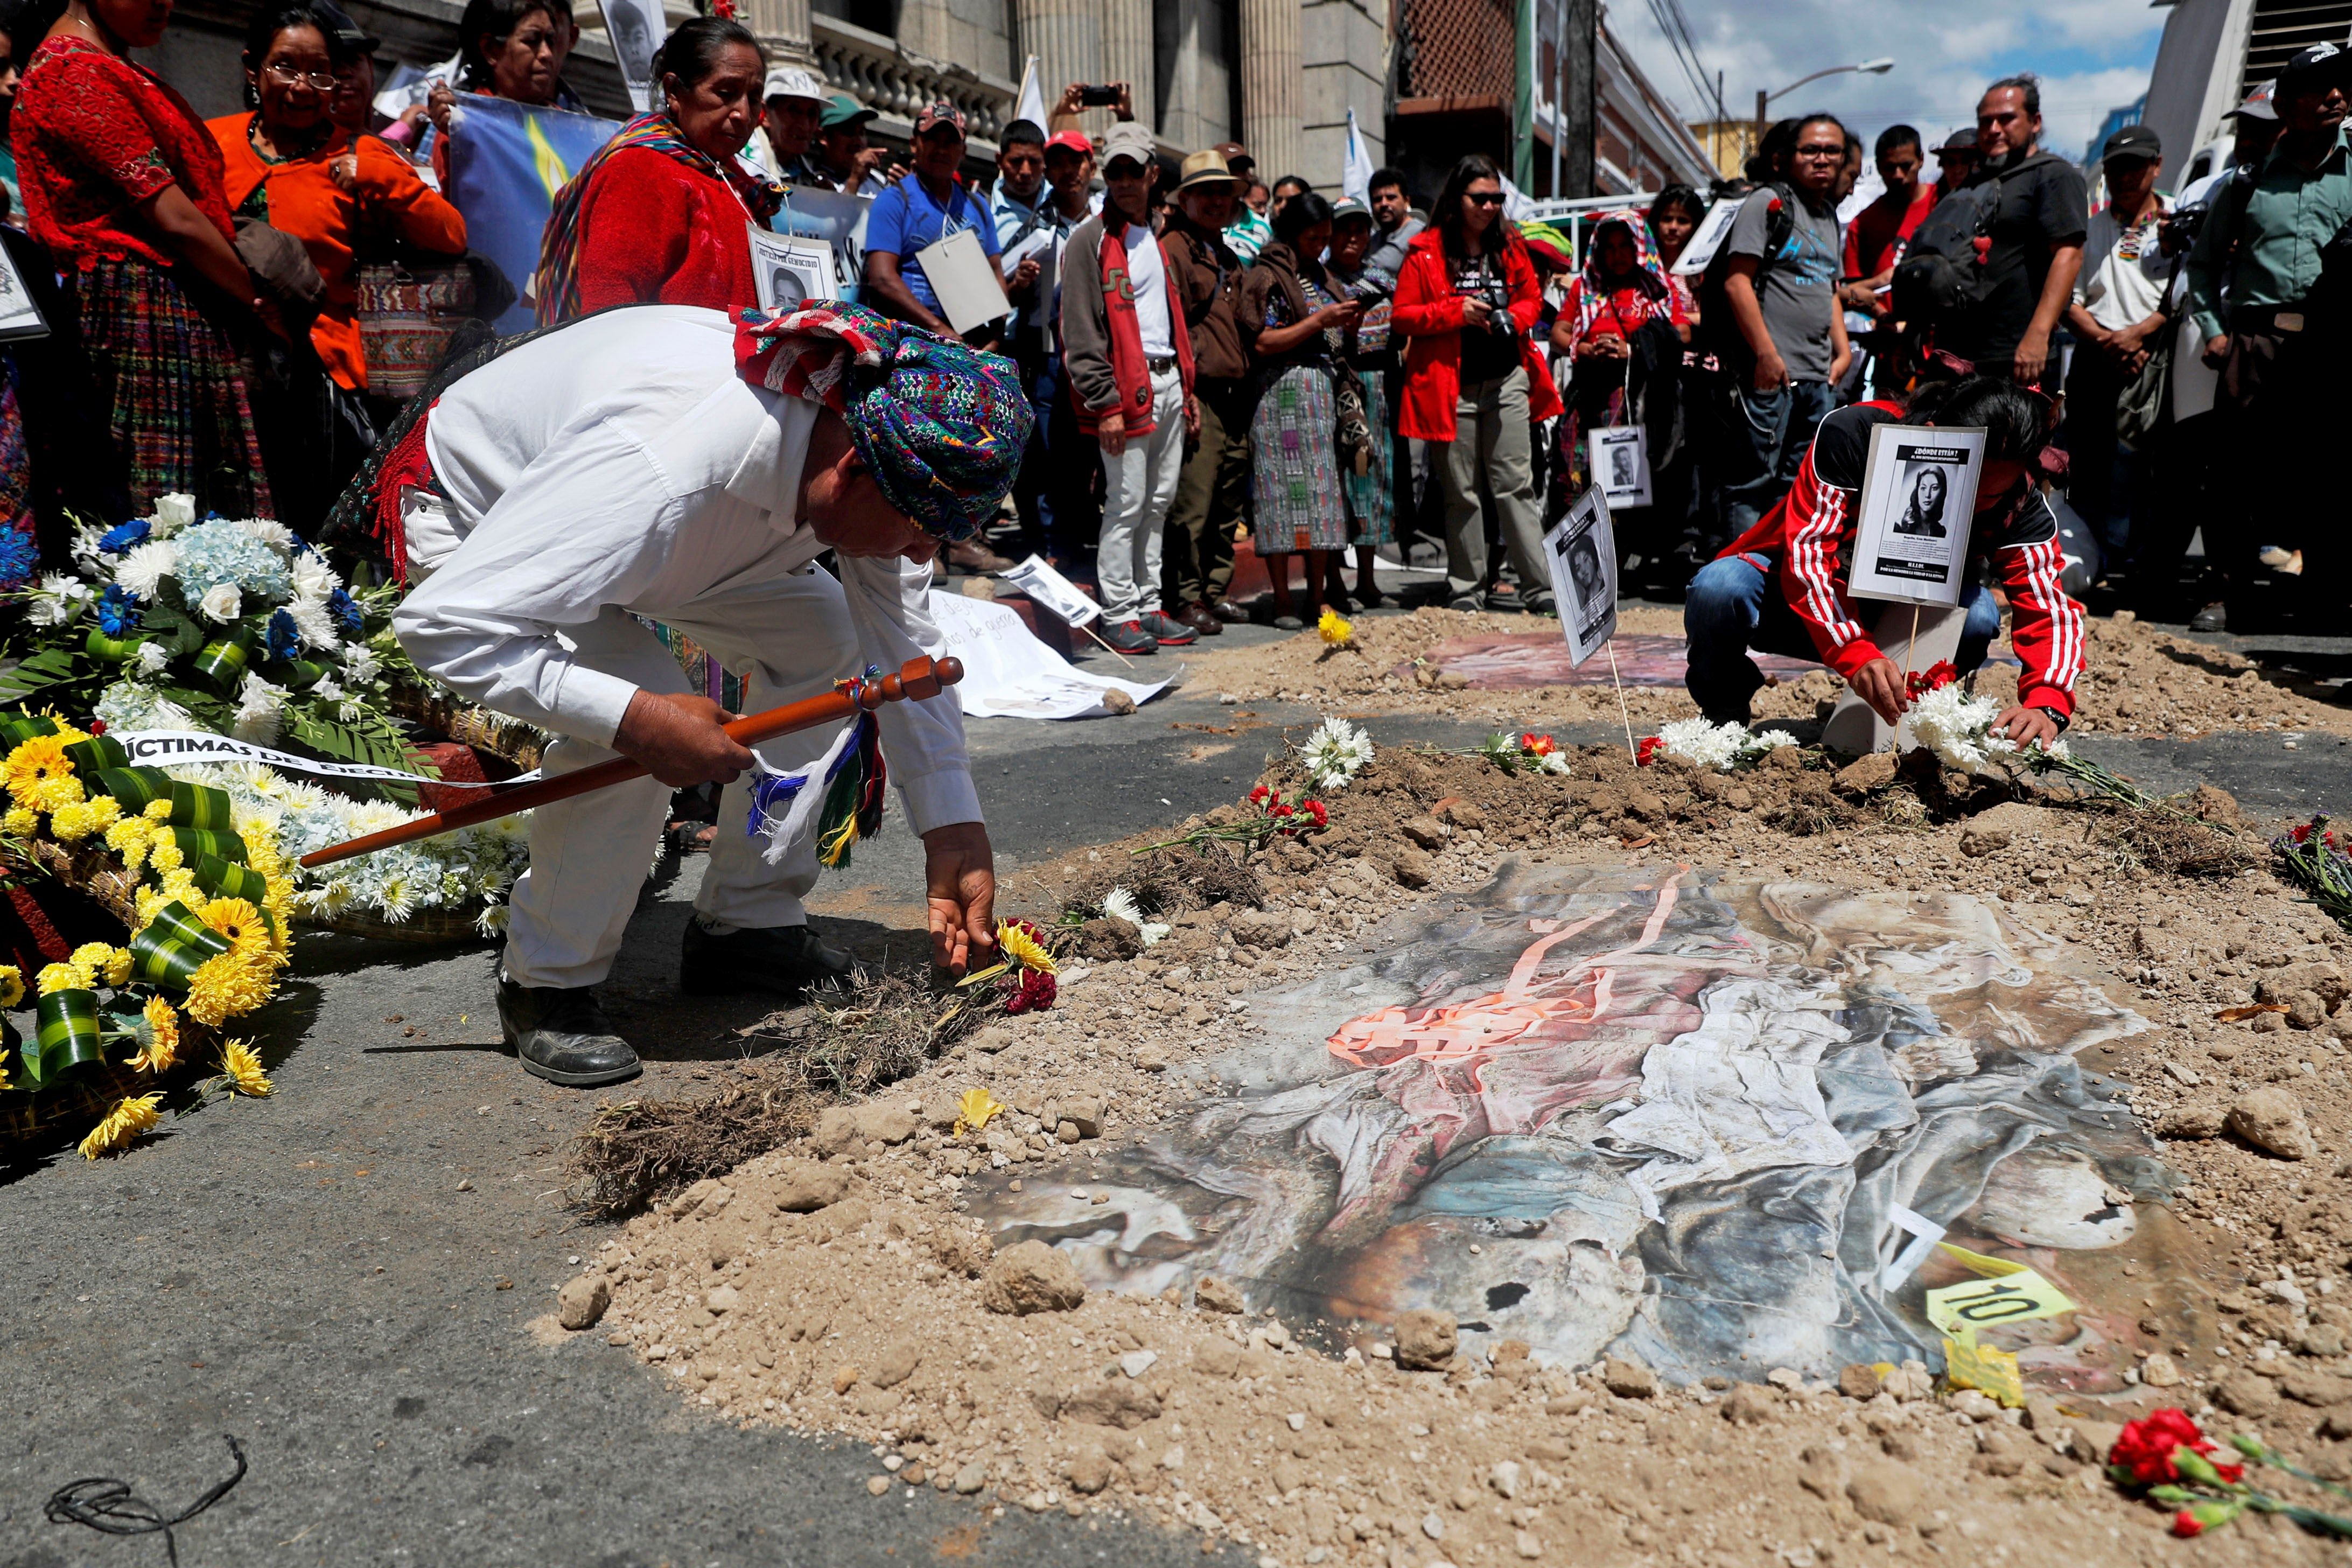 GU1001. CIUDAD DE GUATEMALA (GUATEMALA), 25/02/2019.- Un hombre coloca una flor frente a la simulación de una fosa común durante una manifestación con fotografías de familiares muertos o desaparecidos durante la guerra interna, este lunes, frente al Congreso, en Ciudad de Guatemala (Guatemala). Familiares y víctimas de la guerra interna (1960-1996) exigieron este lunes que se enjuicie y castigue a los responsables del genocidio en Guatemala, y rechazaron las intenciones del Congreso de favorecerlos con una amnistía general a través de una reforma a la Ley de Reconciliación Nacional. Durante la protesta, decenas de familiares y víctimas del conflicto enfilaron hacia la Plaza de la Constitución y luego al Congreso para exigir a los diputados que se abstengan de aprobar las reformas a dicha ley. EFE/Esteban Biba